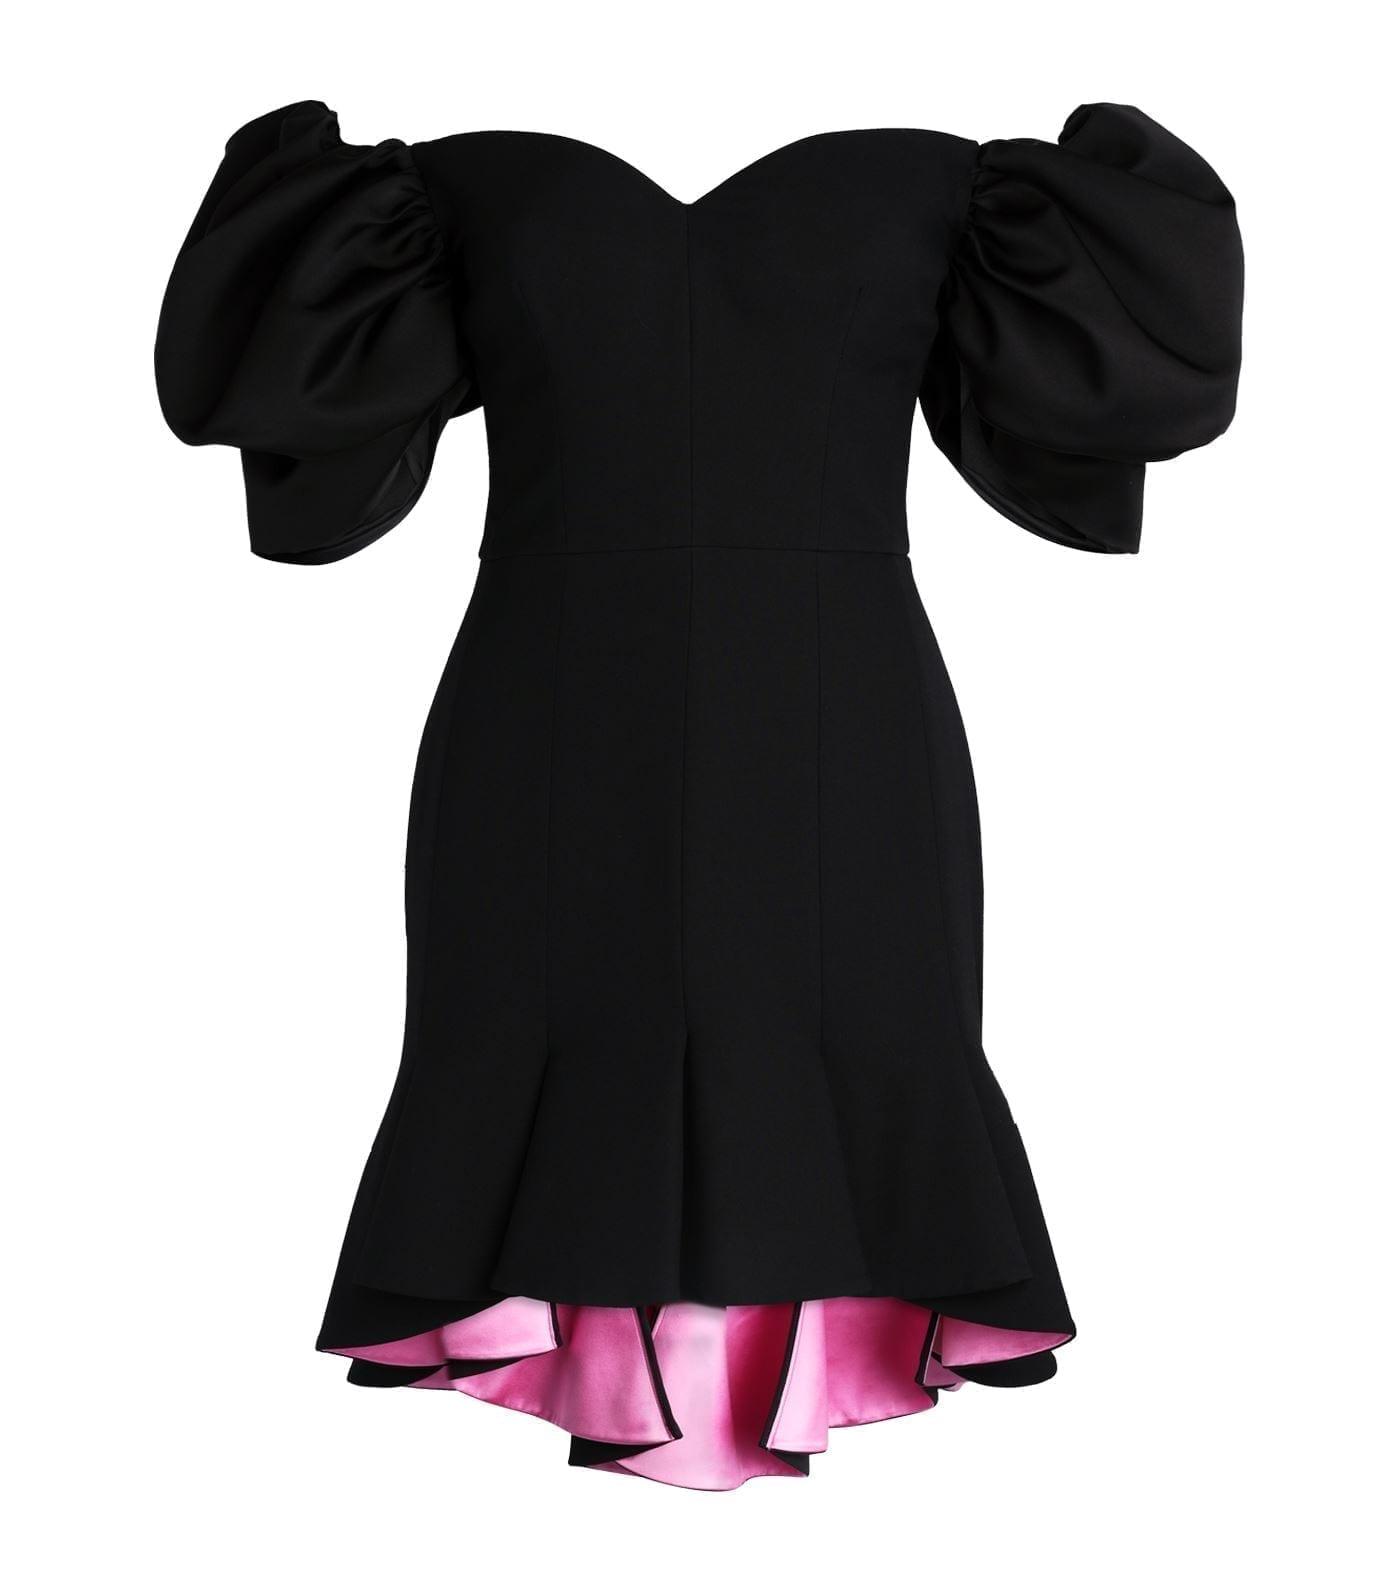 ALEXANDER MCQUEEN Puff Sleeve Dress